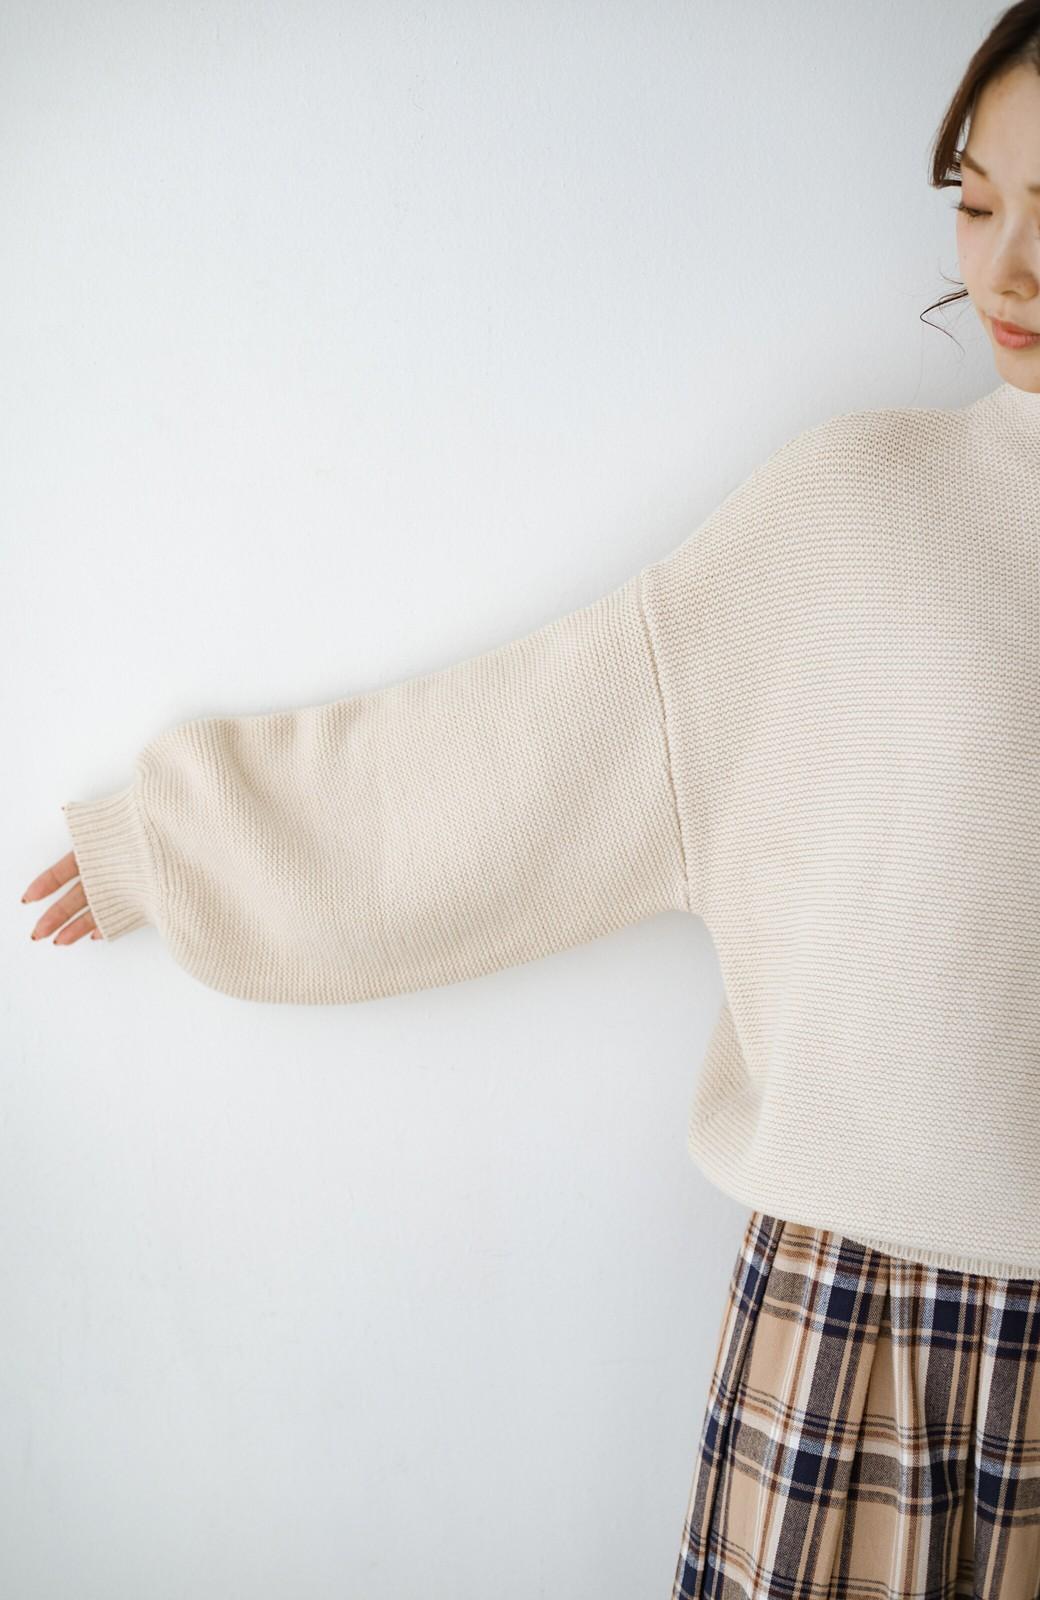 haco! ゆるシルエットも大人っぽい雰囲気にしてくれる 編地がきれいなハイネックニットトップス <オフホワイト>の商品写真4